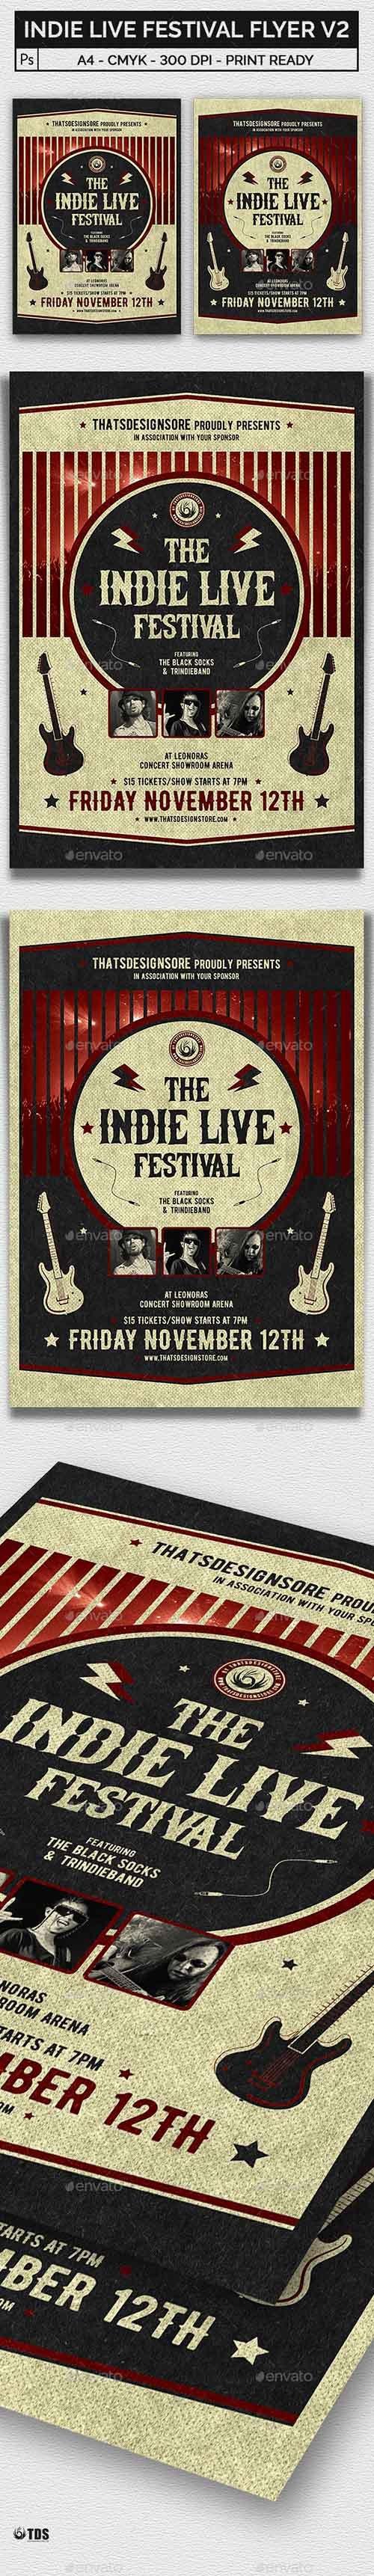 Indie Live Festival Flyer Template V2 21450189